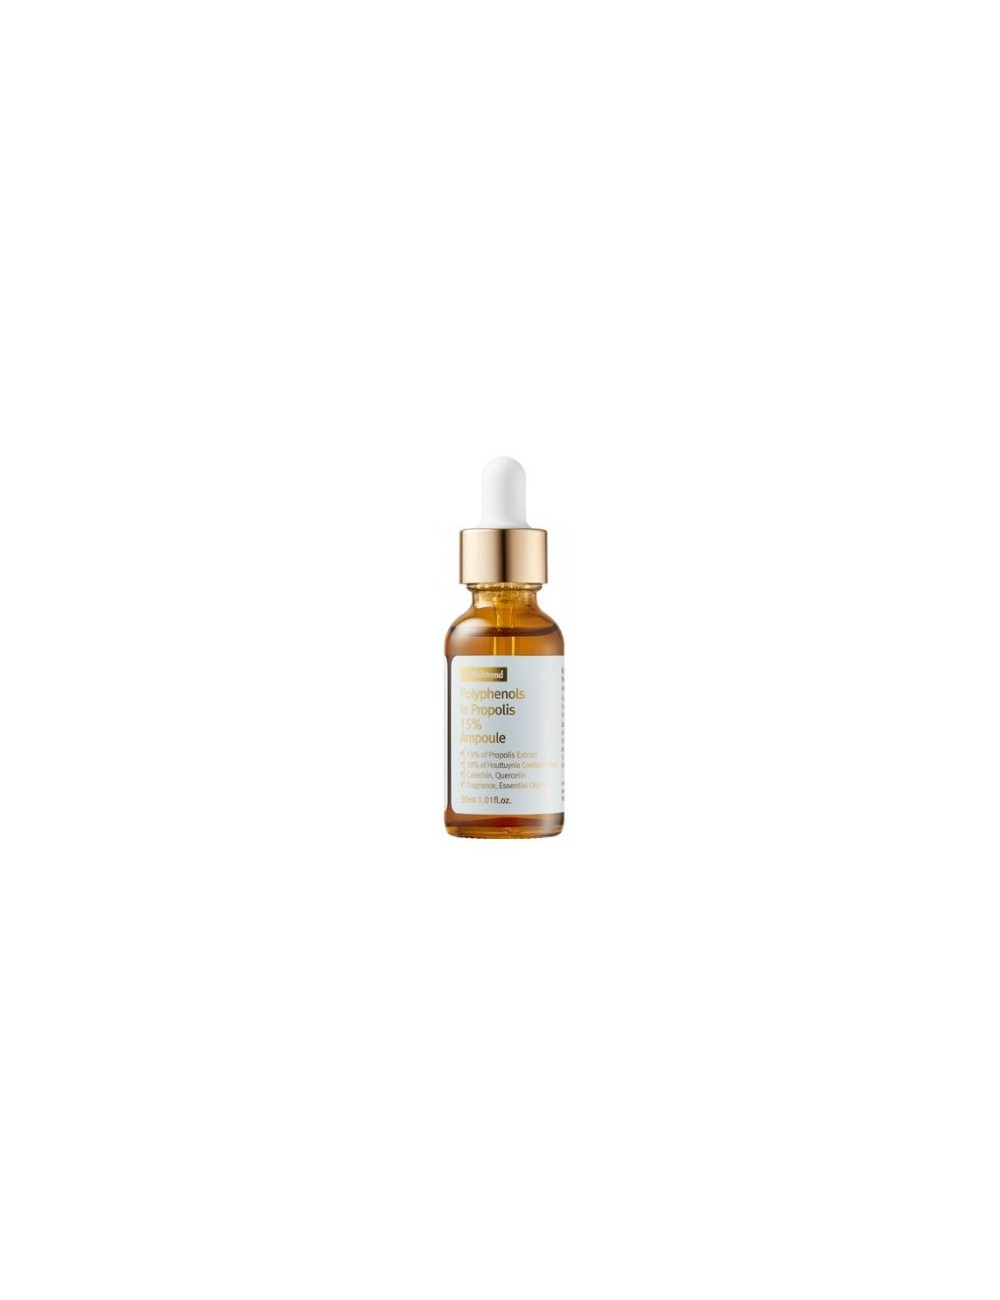 Serum Calmante con Propoleo By Wishtrend Polyphenol in Propolis 15% Ampoule